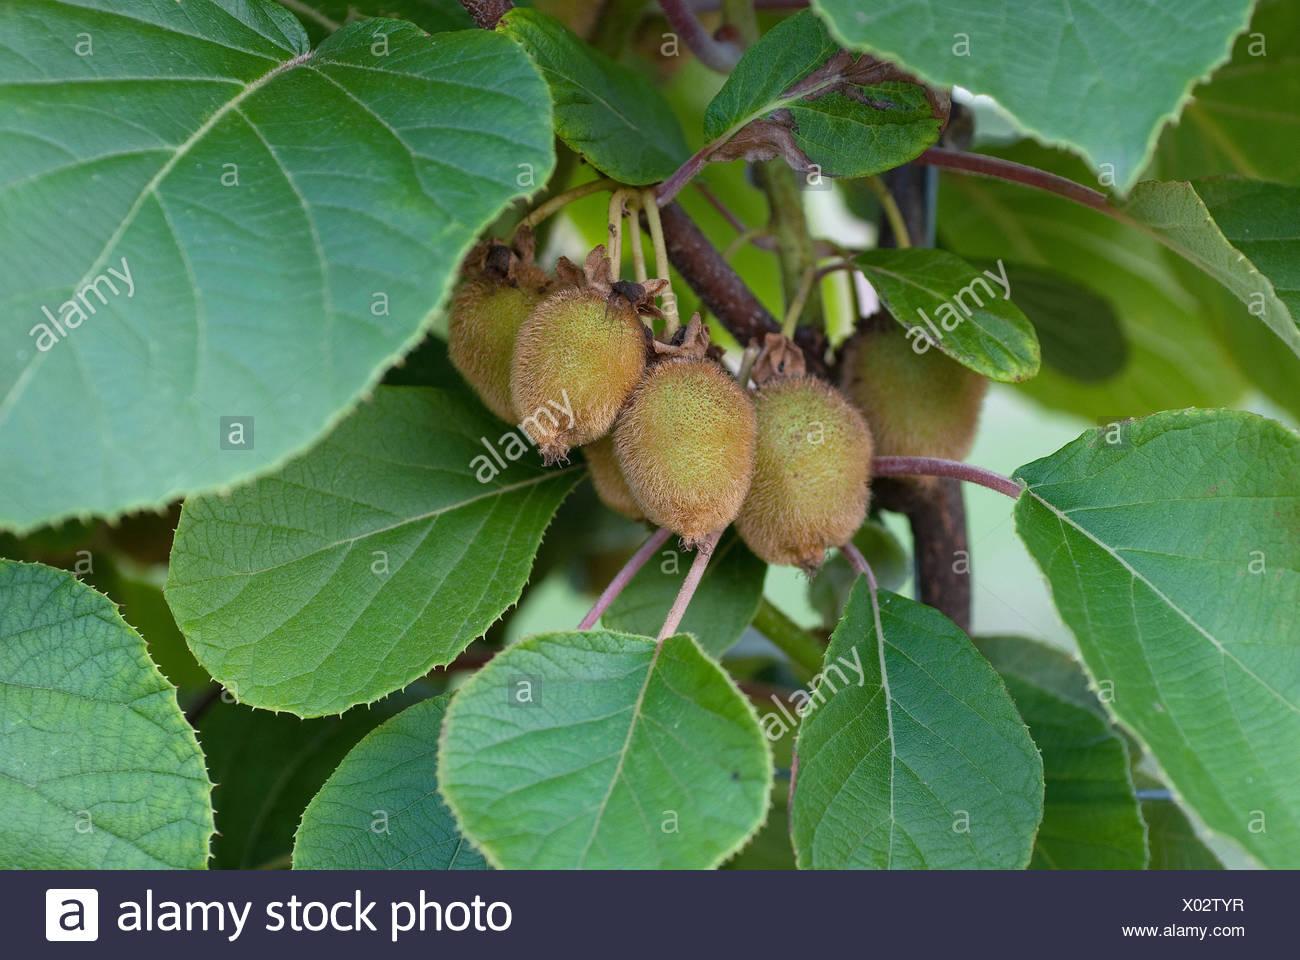 kiwi fruit, Chinese gooseberry (Actinidia deliciosa 'Jenny', Actinidia deliciosa Jenny), fruit on a branch - Stock Image